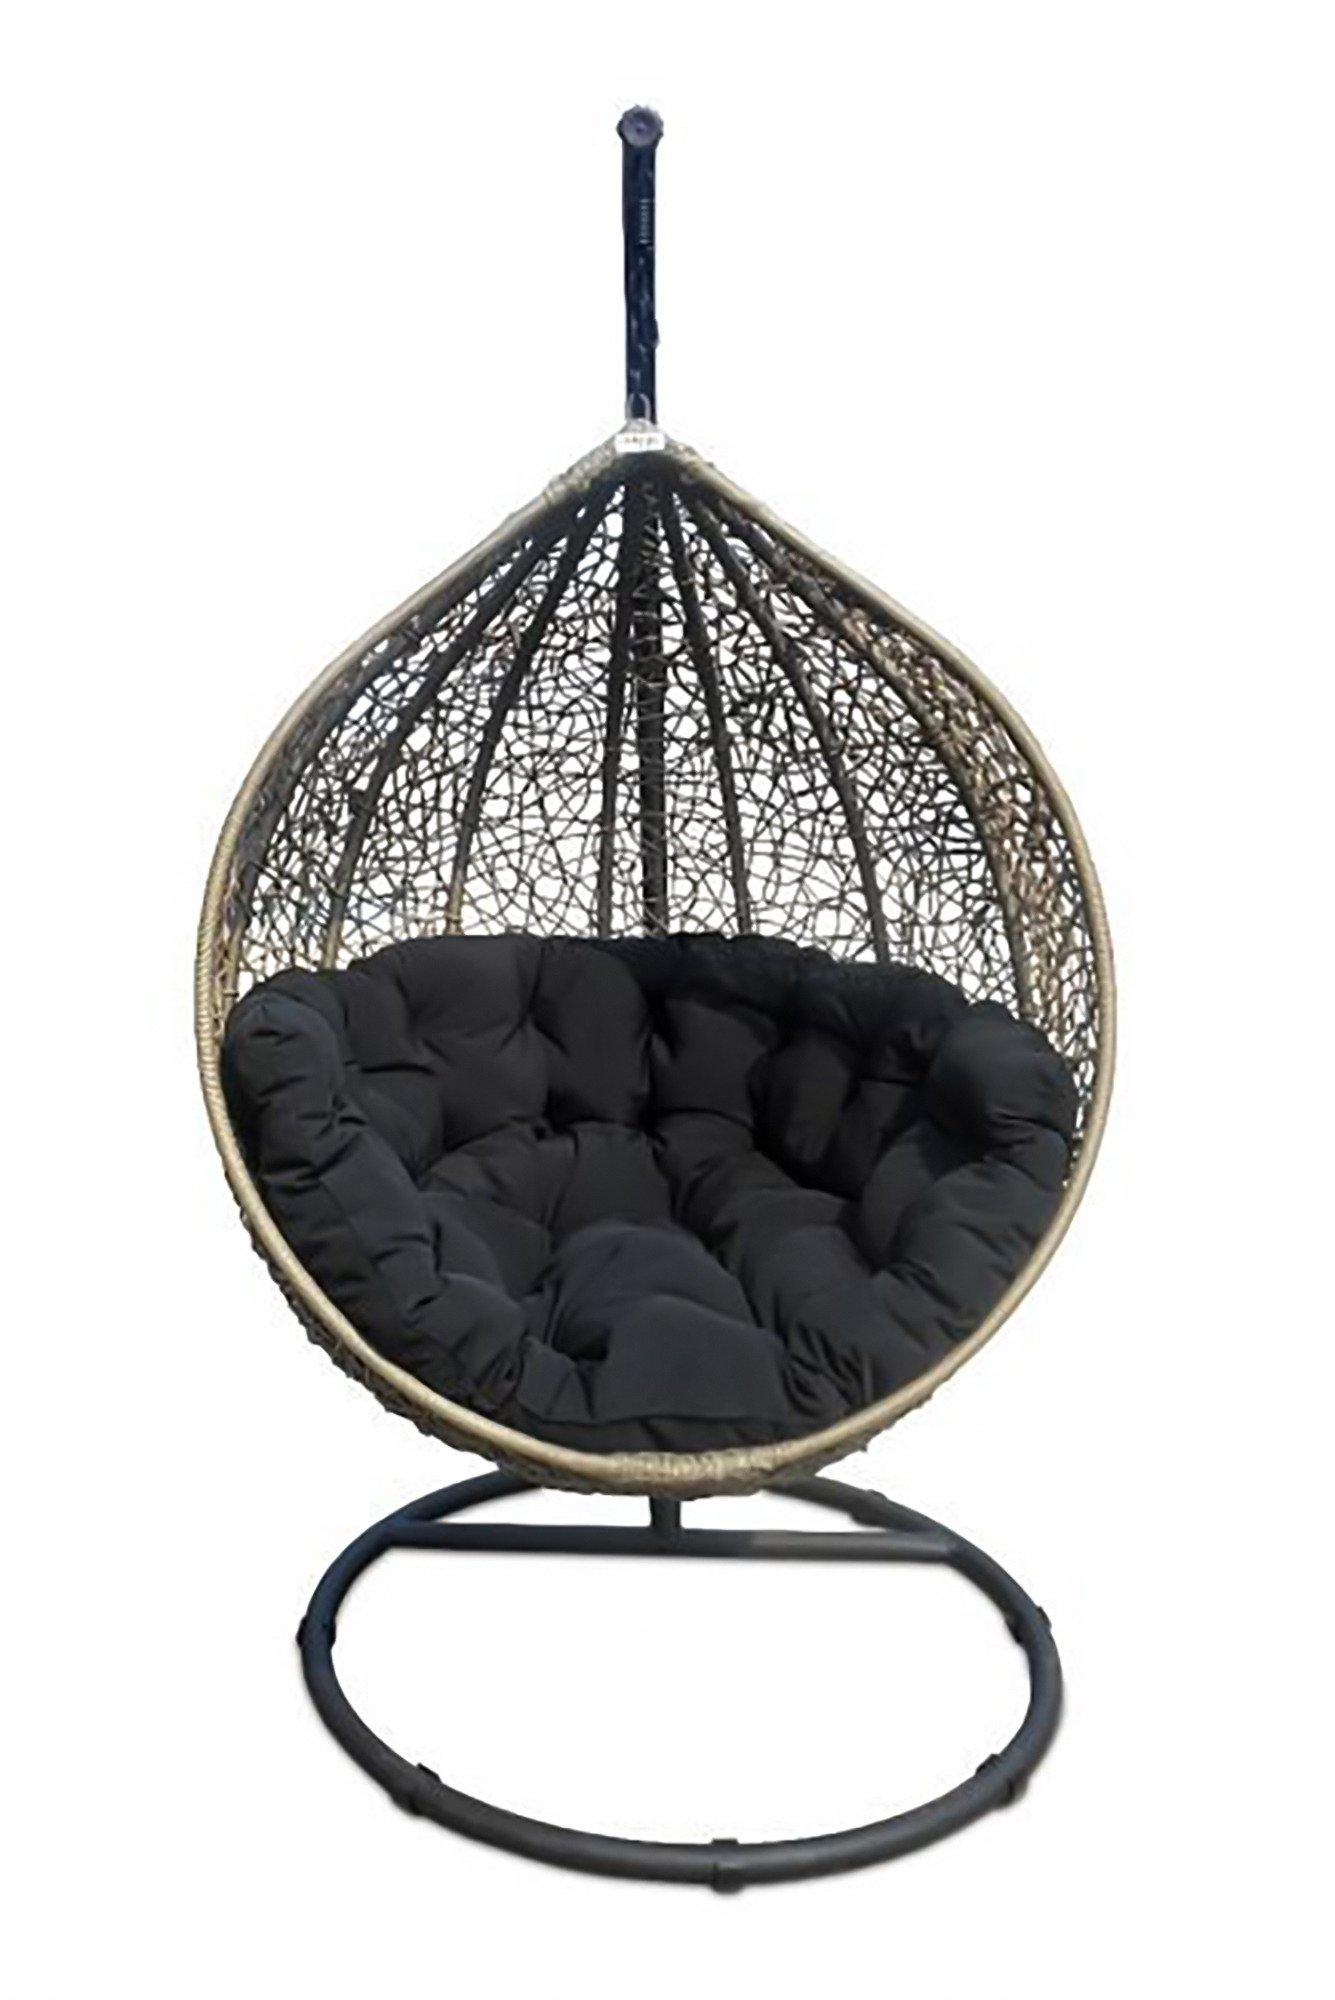 Miloo :: Fotel Cocoon brązowo-czarny szaro-czarny | MEBLE \ Krzesła MEBLE \ Ogród i balkon MEBLE ...